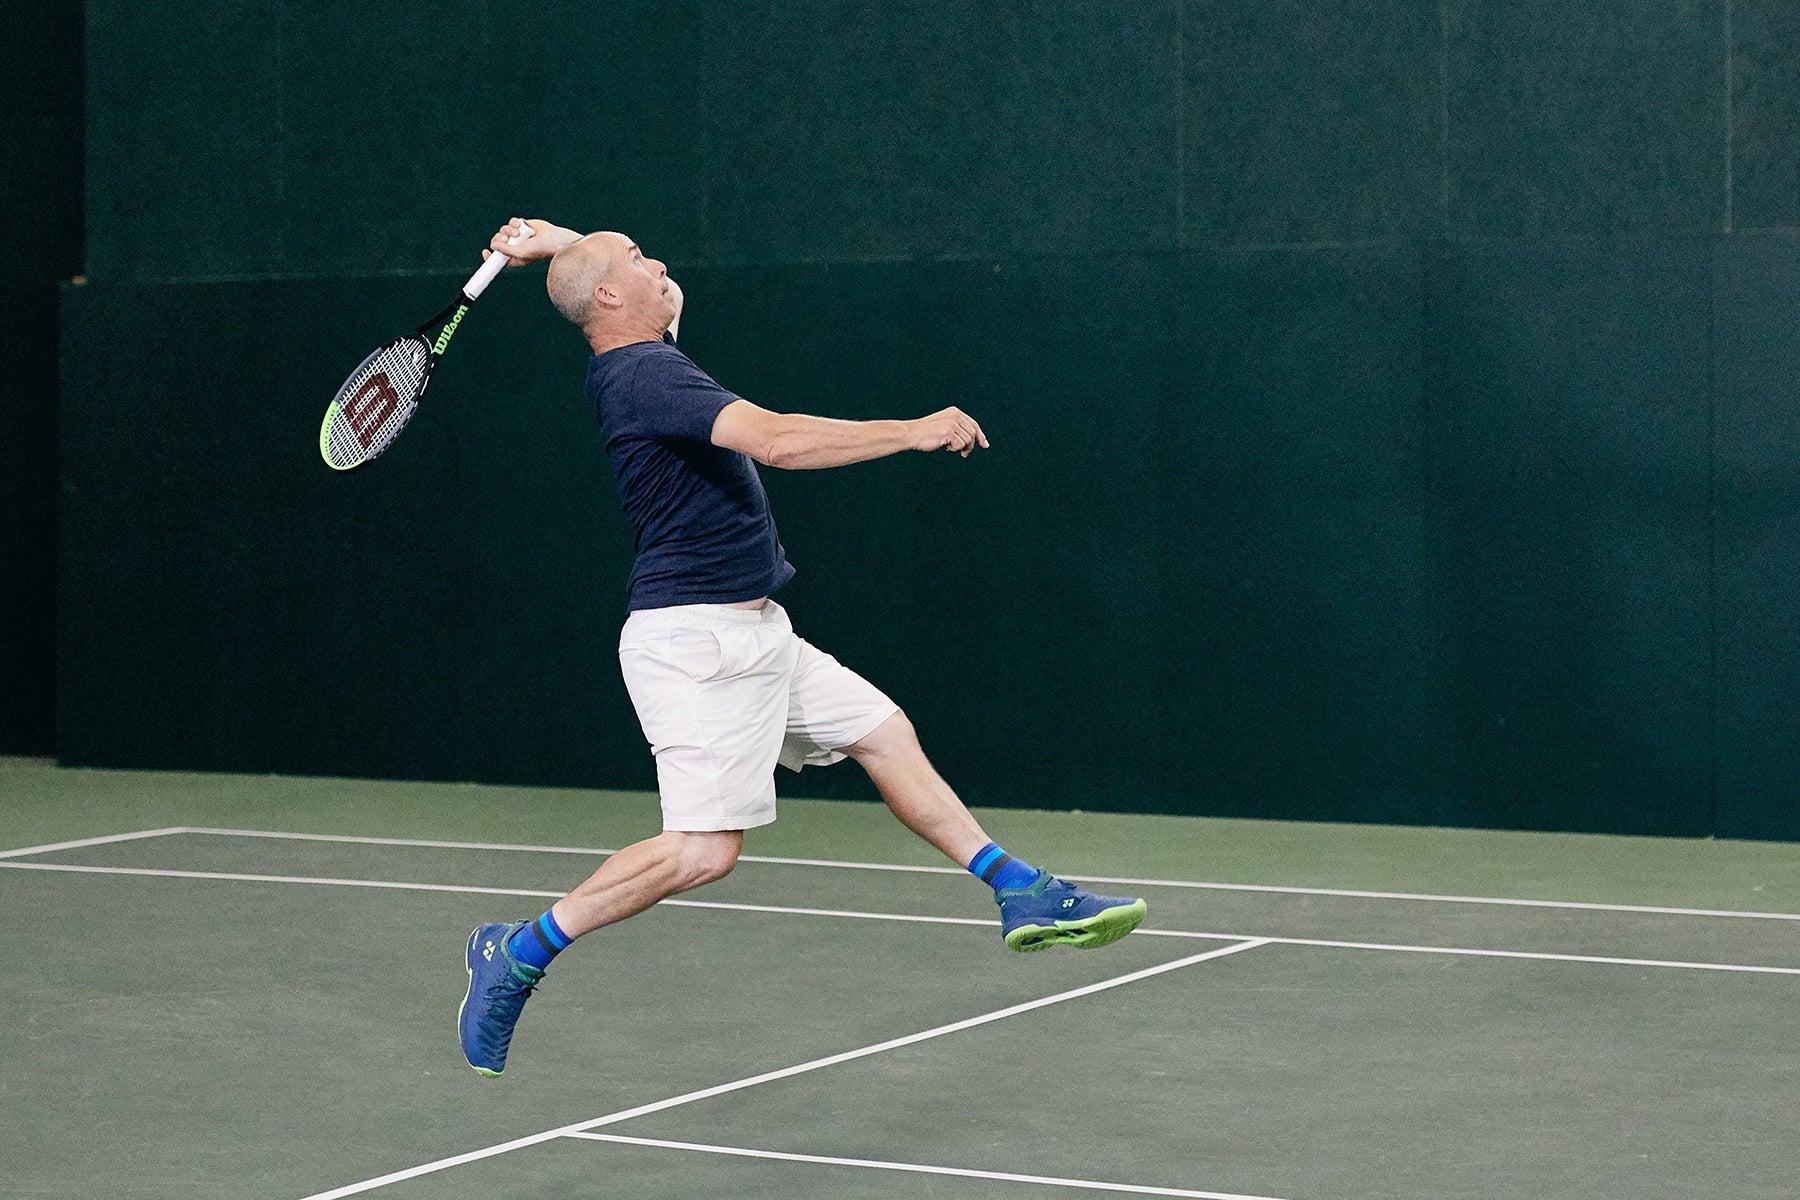 Wilson Blade 98 18x20 v7 Racquet Review - Tennis Warehouse